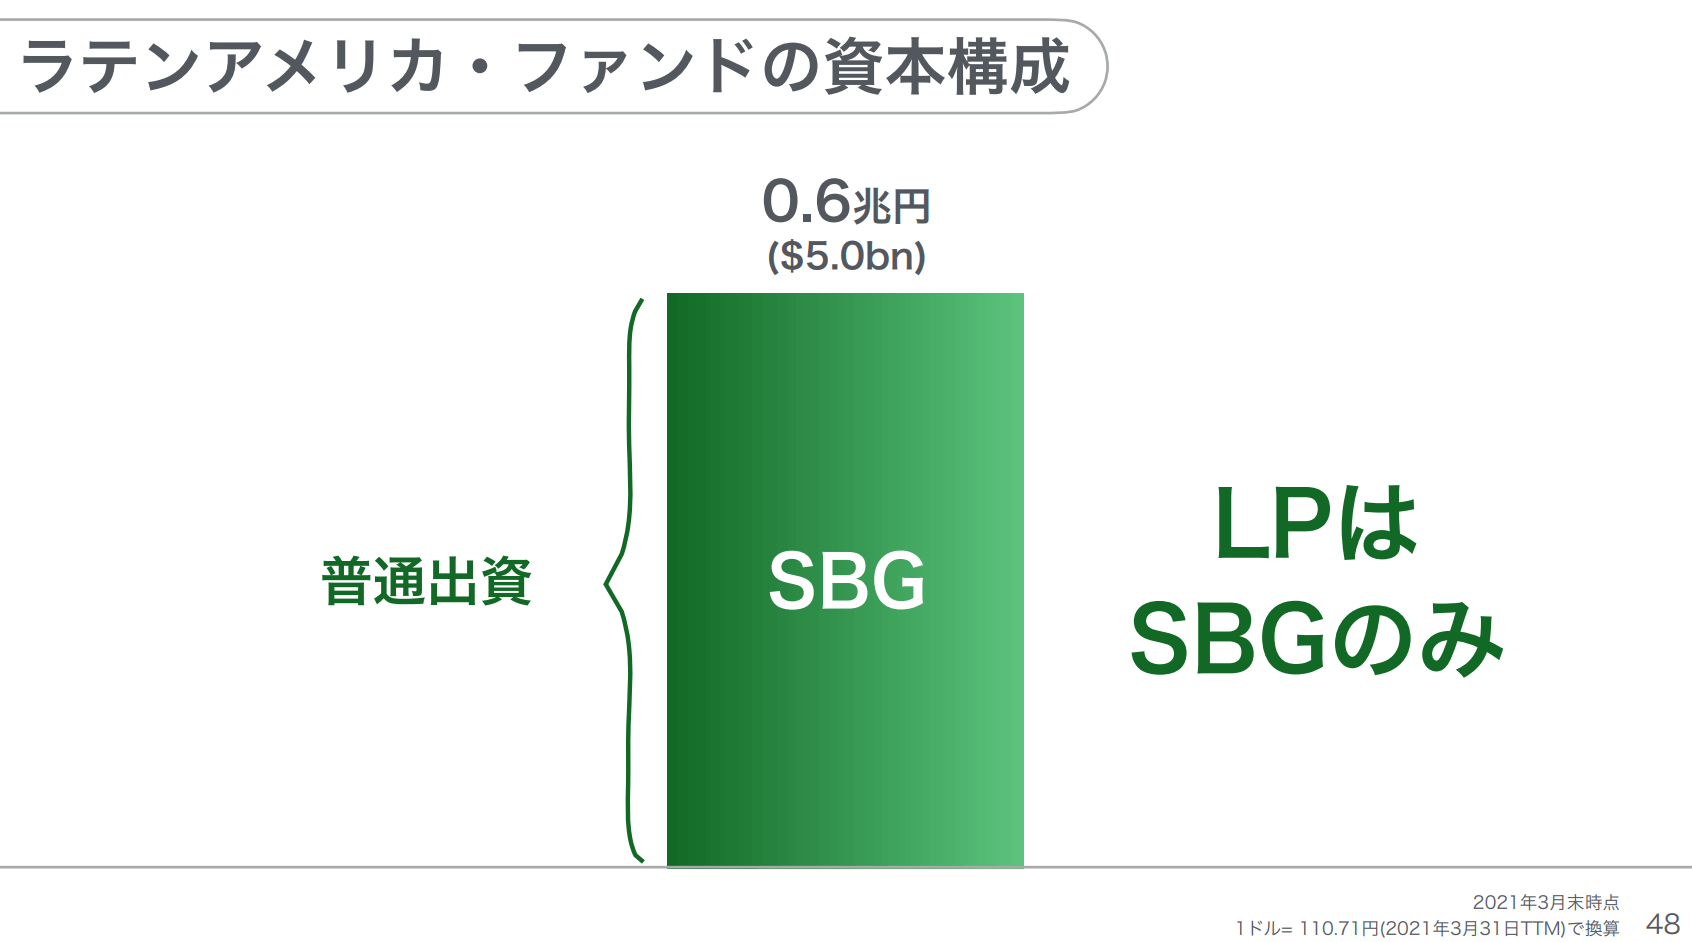 ソフトバンクLatAmファンド資本構成2103